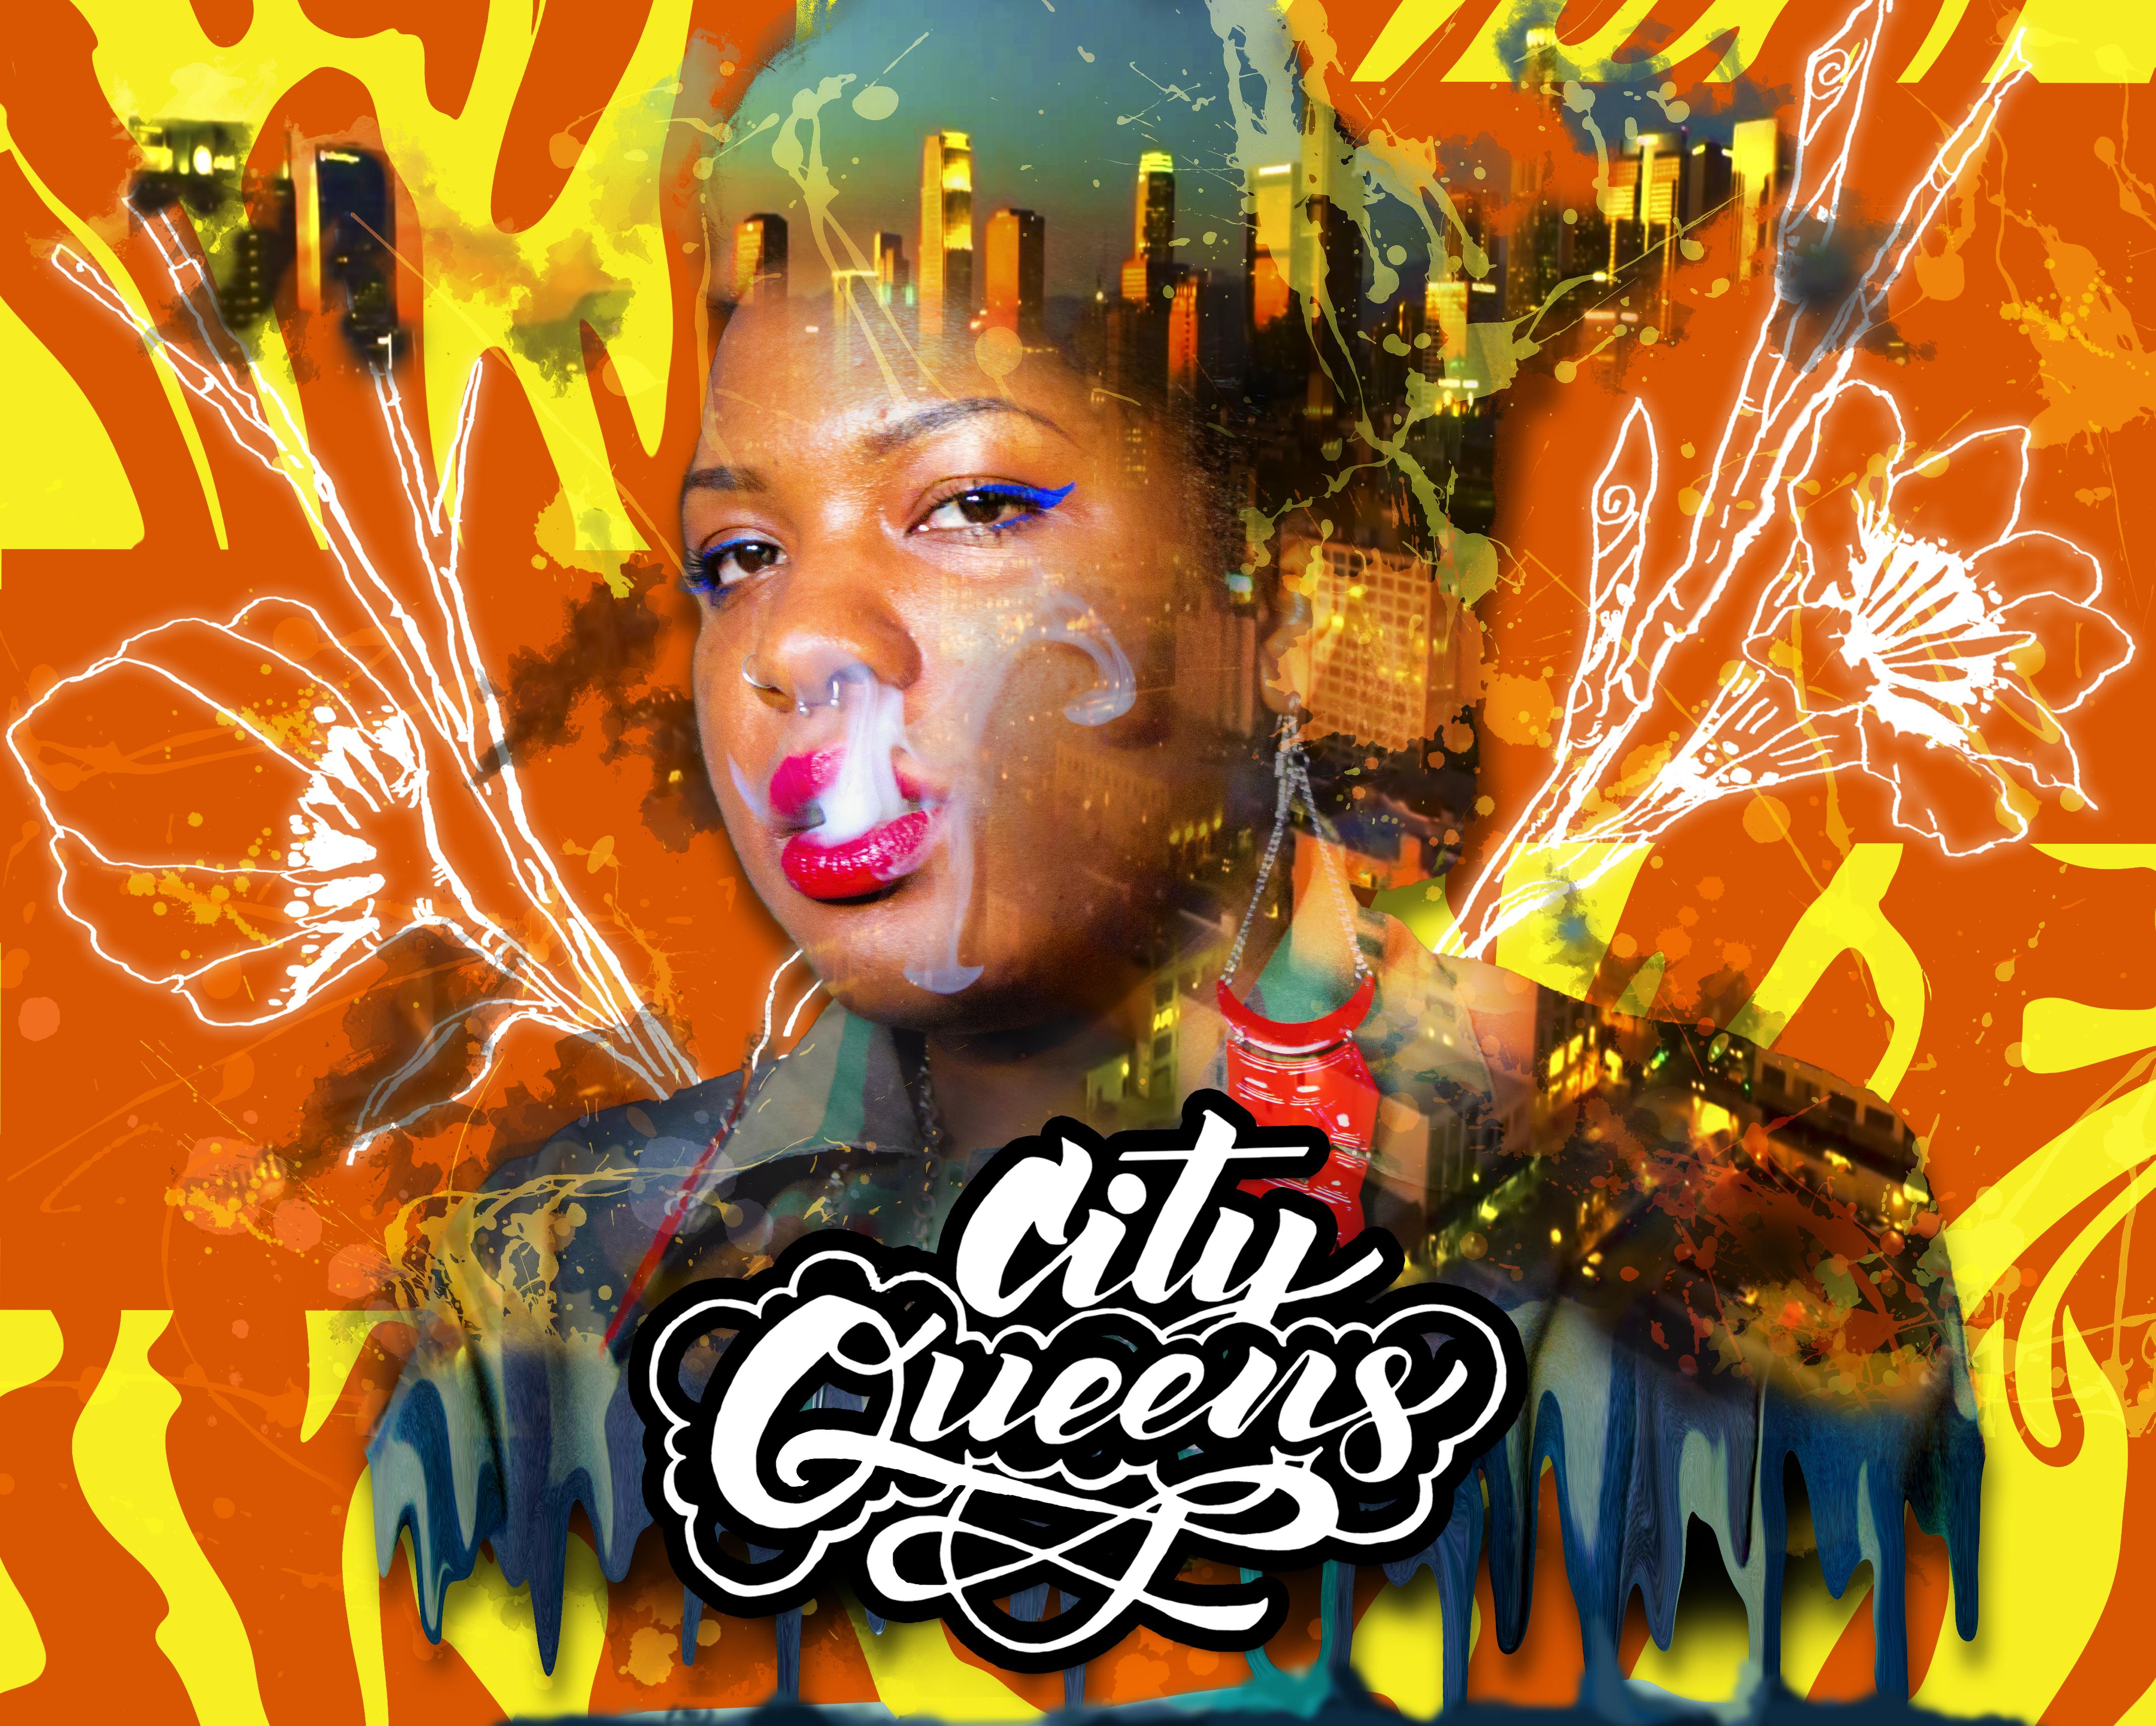 City Queens